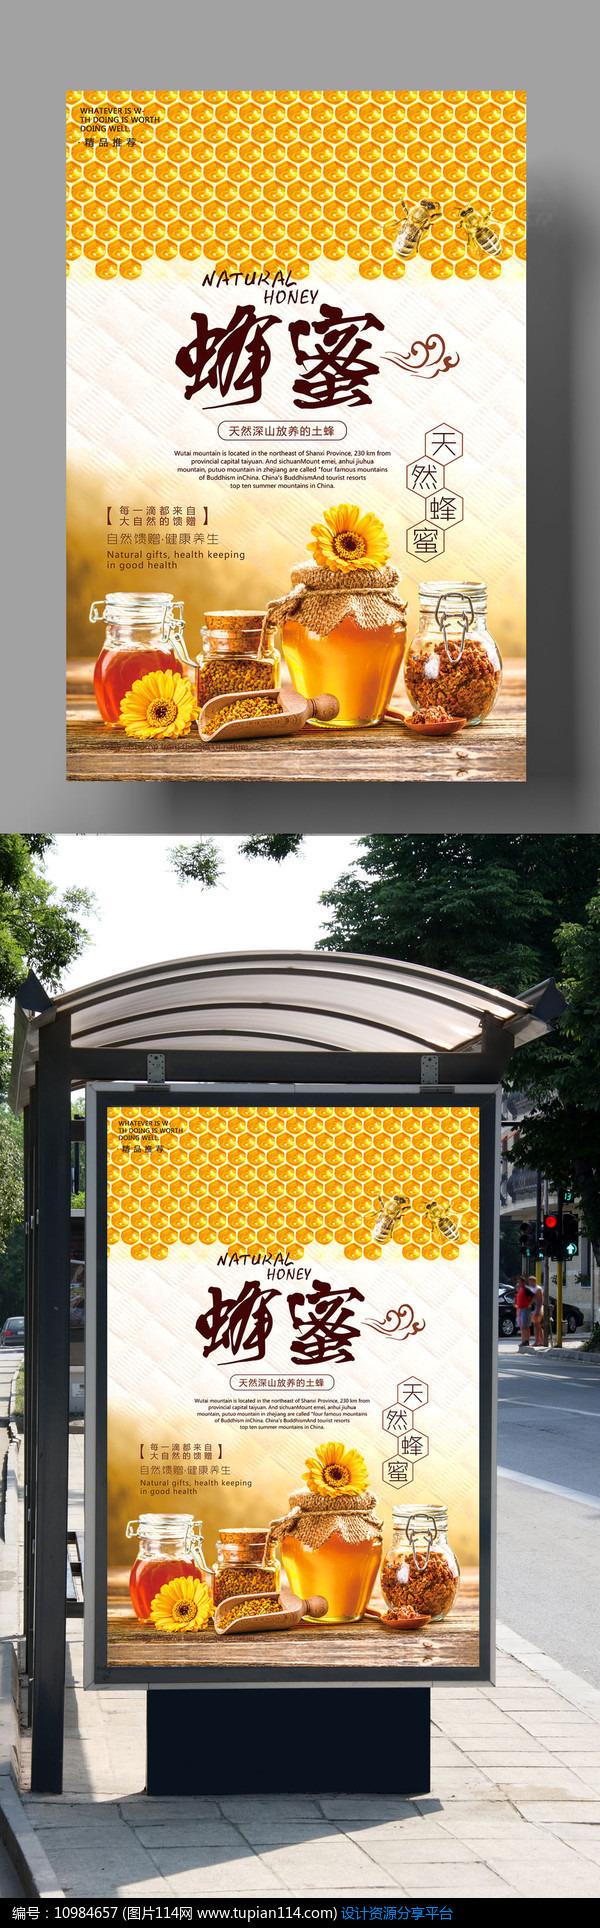 [原创] 野生蜂蜜宣传海报设计